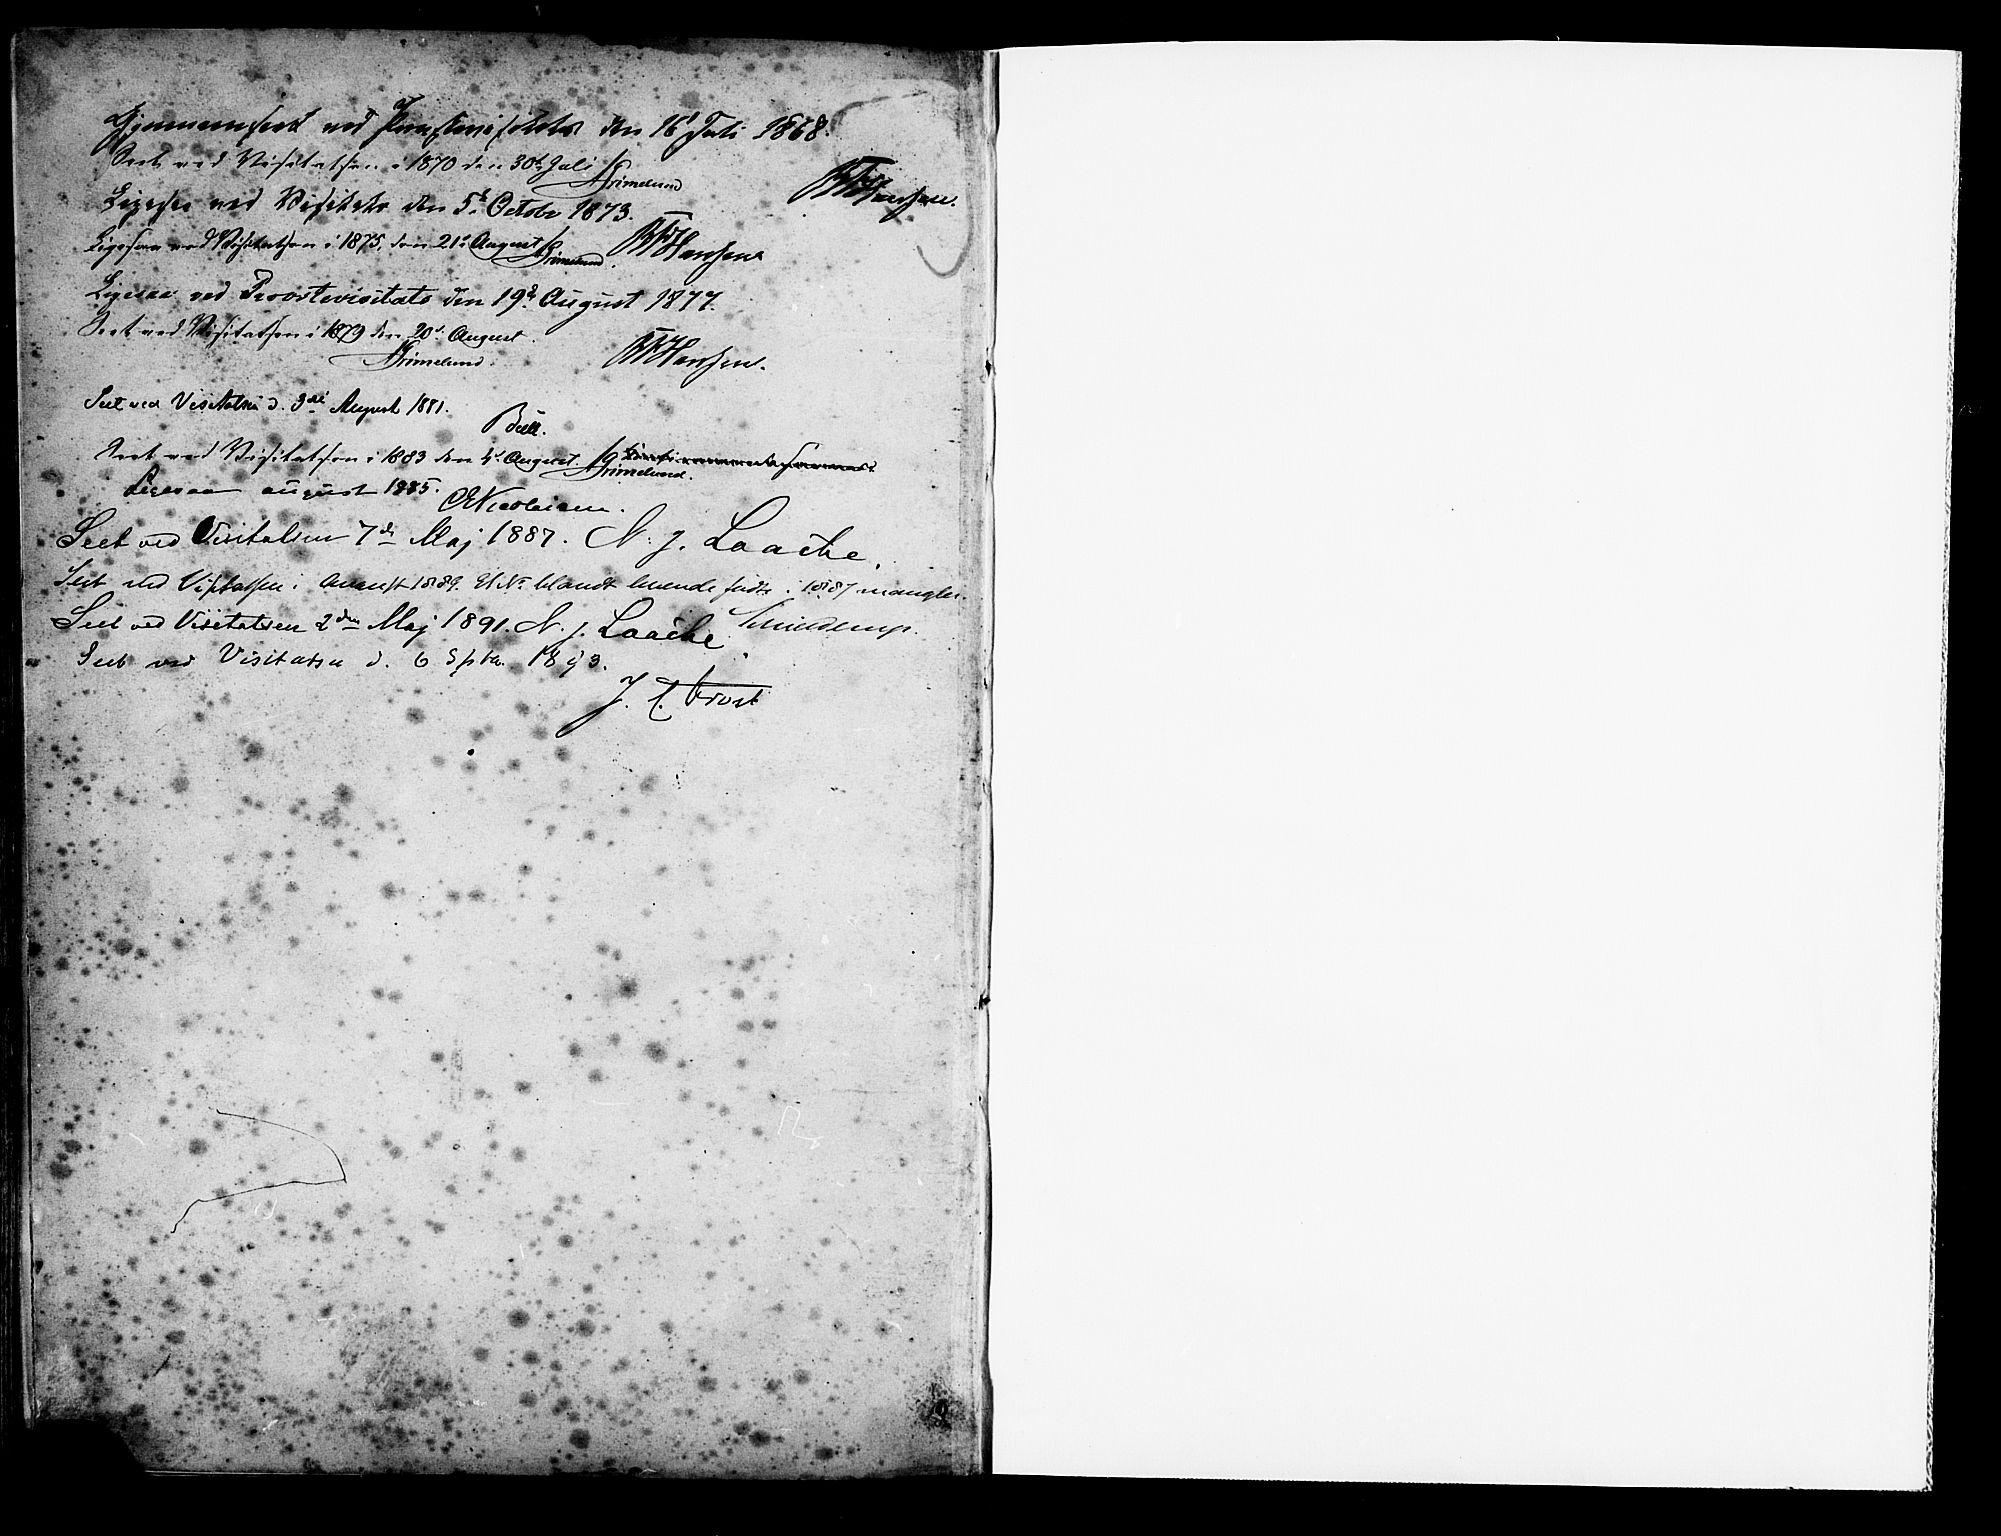 SAT, Ministerialprotokoller, klokkerbøker og fødselsregistre - Sør-Trøndelag, 653/L0657: Klokkerbok nr. 653C01, 1866-1893